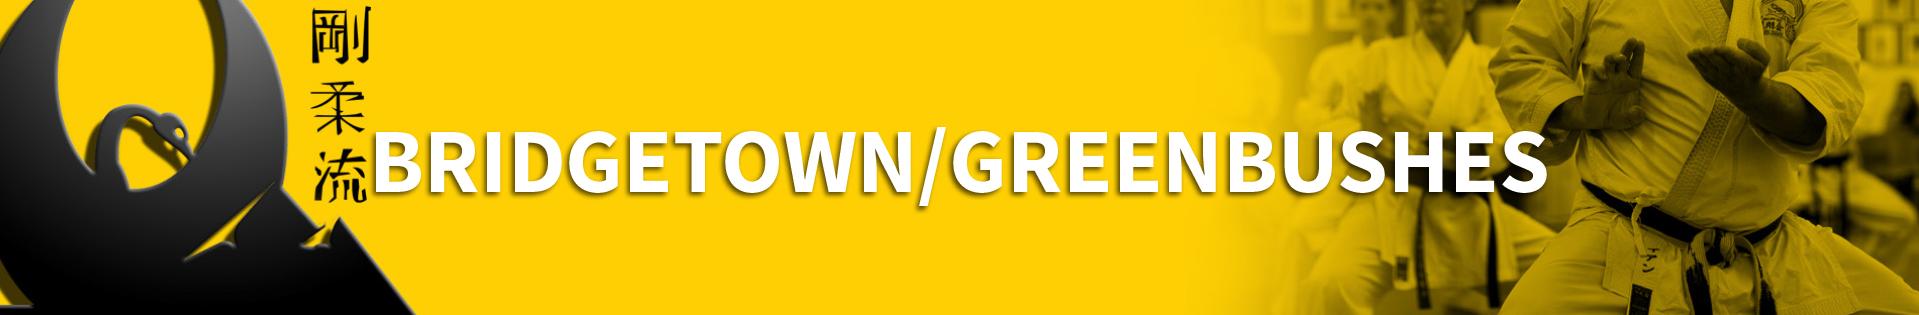 Swan Hills Goju Ryu Western Australia karate Bridgetown and Greenbushes